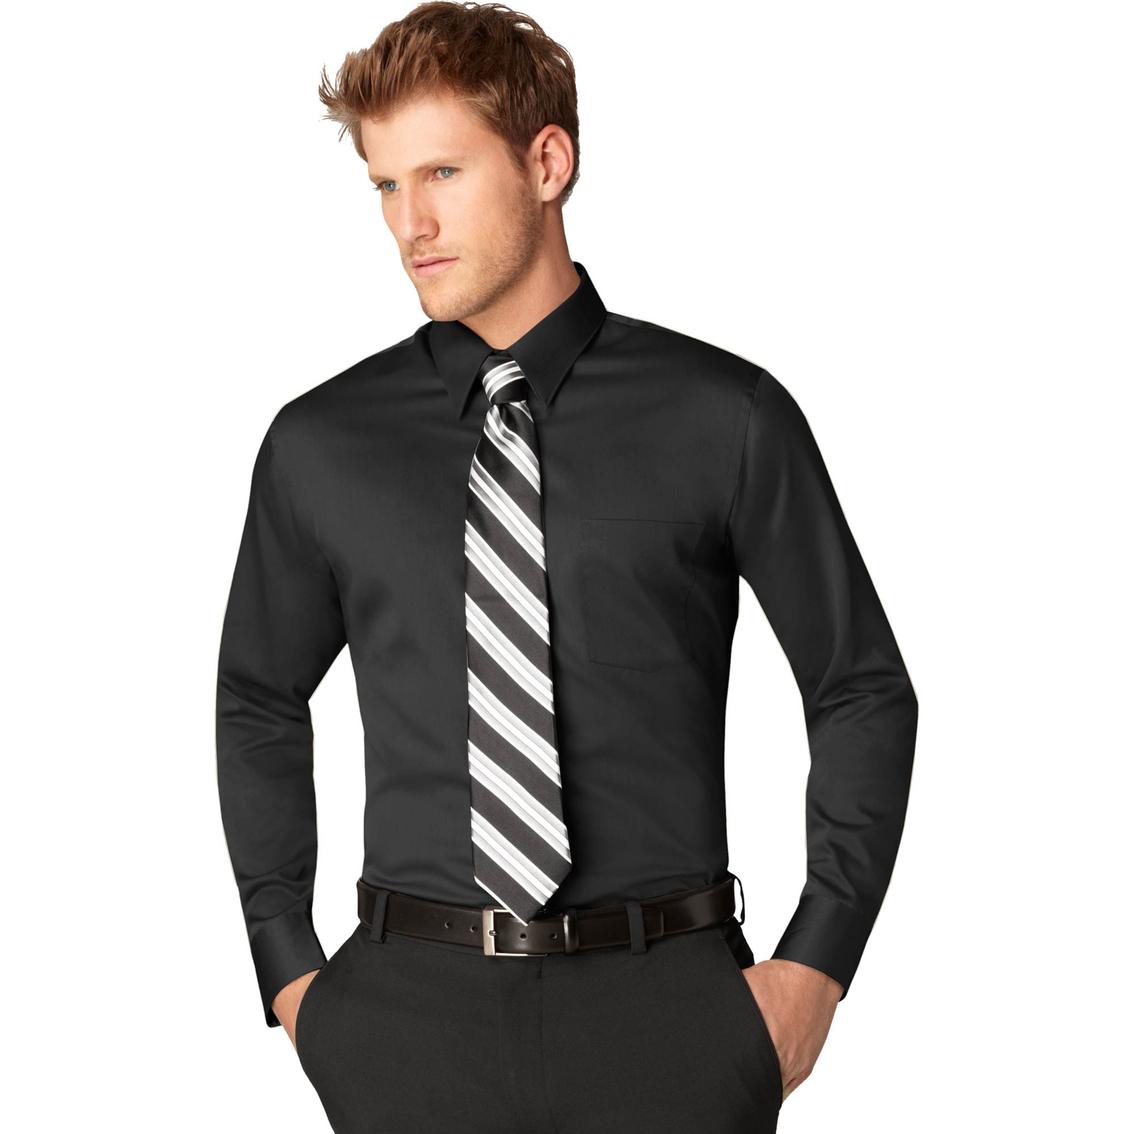 Arrow Fitted Sateen Dress Shirt Dress Shirts Apparel Shop The